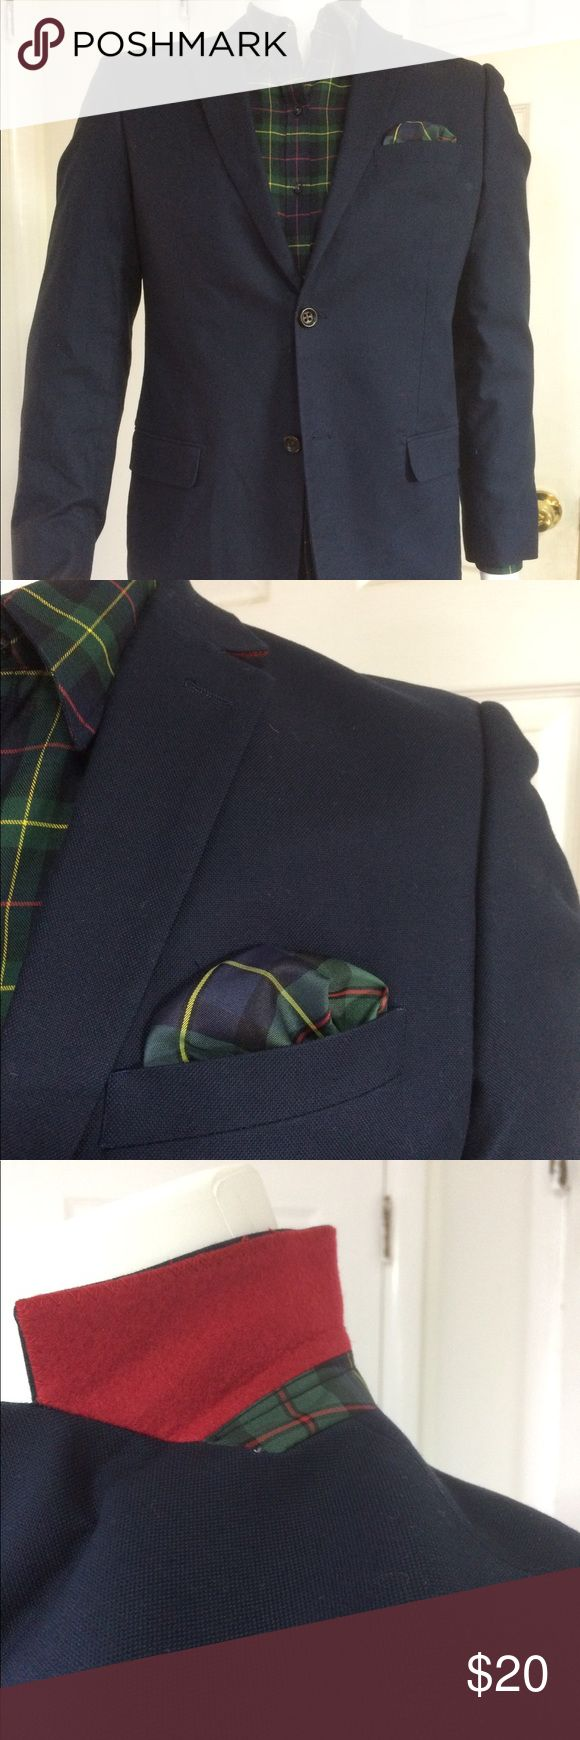 U.S. Polo Association blue blazer W/ elbow patches U.S. Polo Association blue blazer W/ elbow patches size 49L U.S. Polo Assn. Suits & Blazers Sport Coats & Blazers